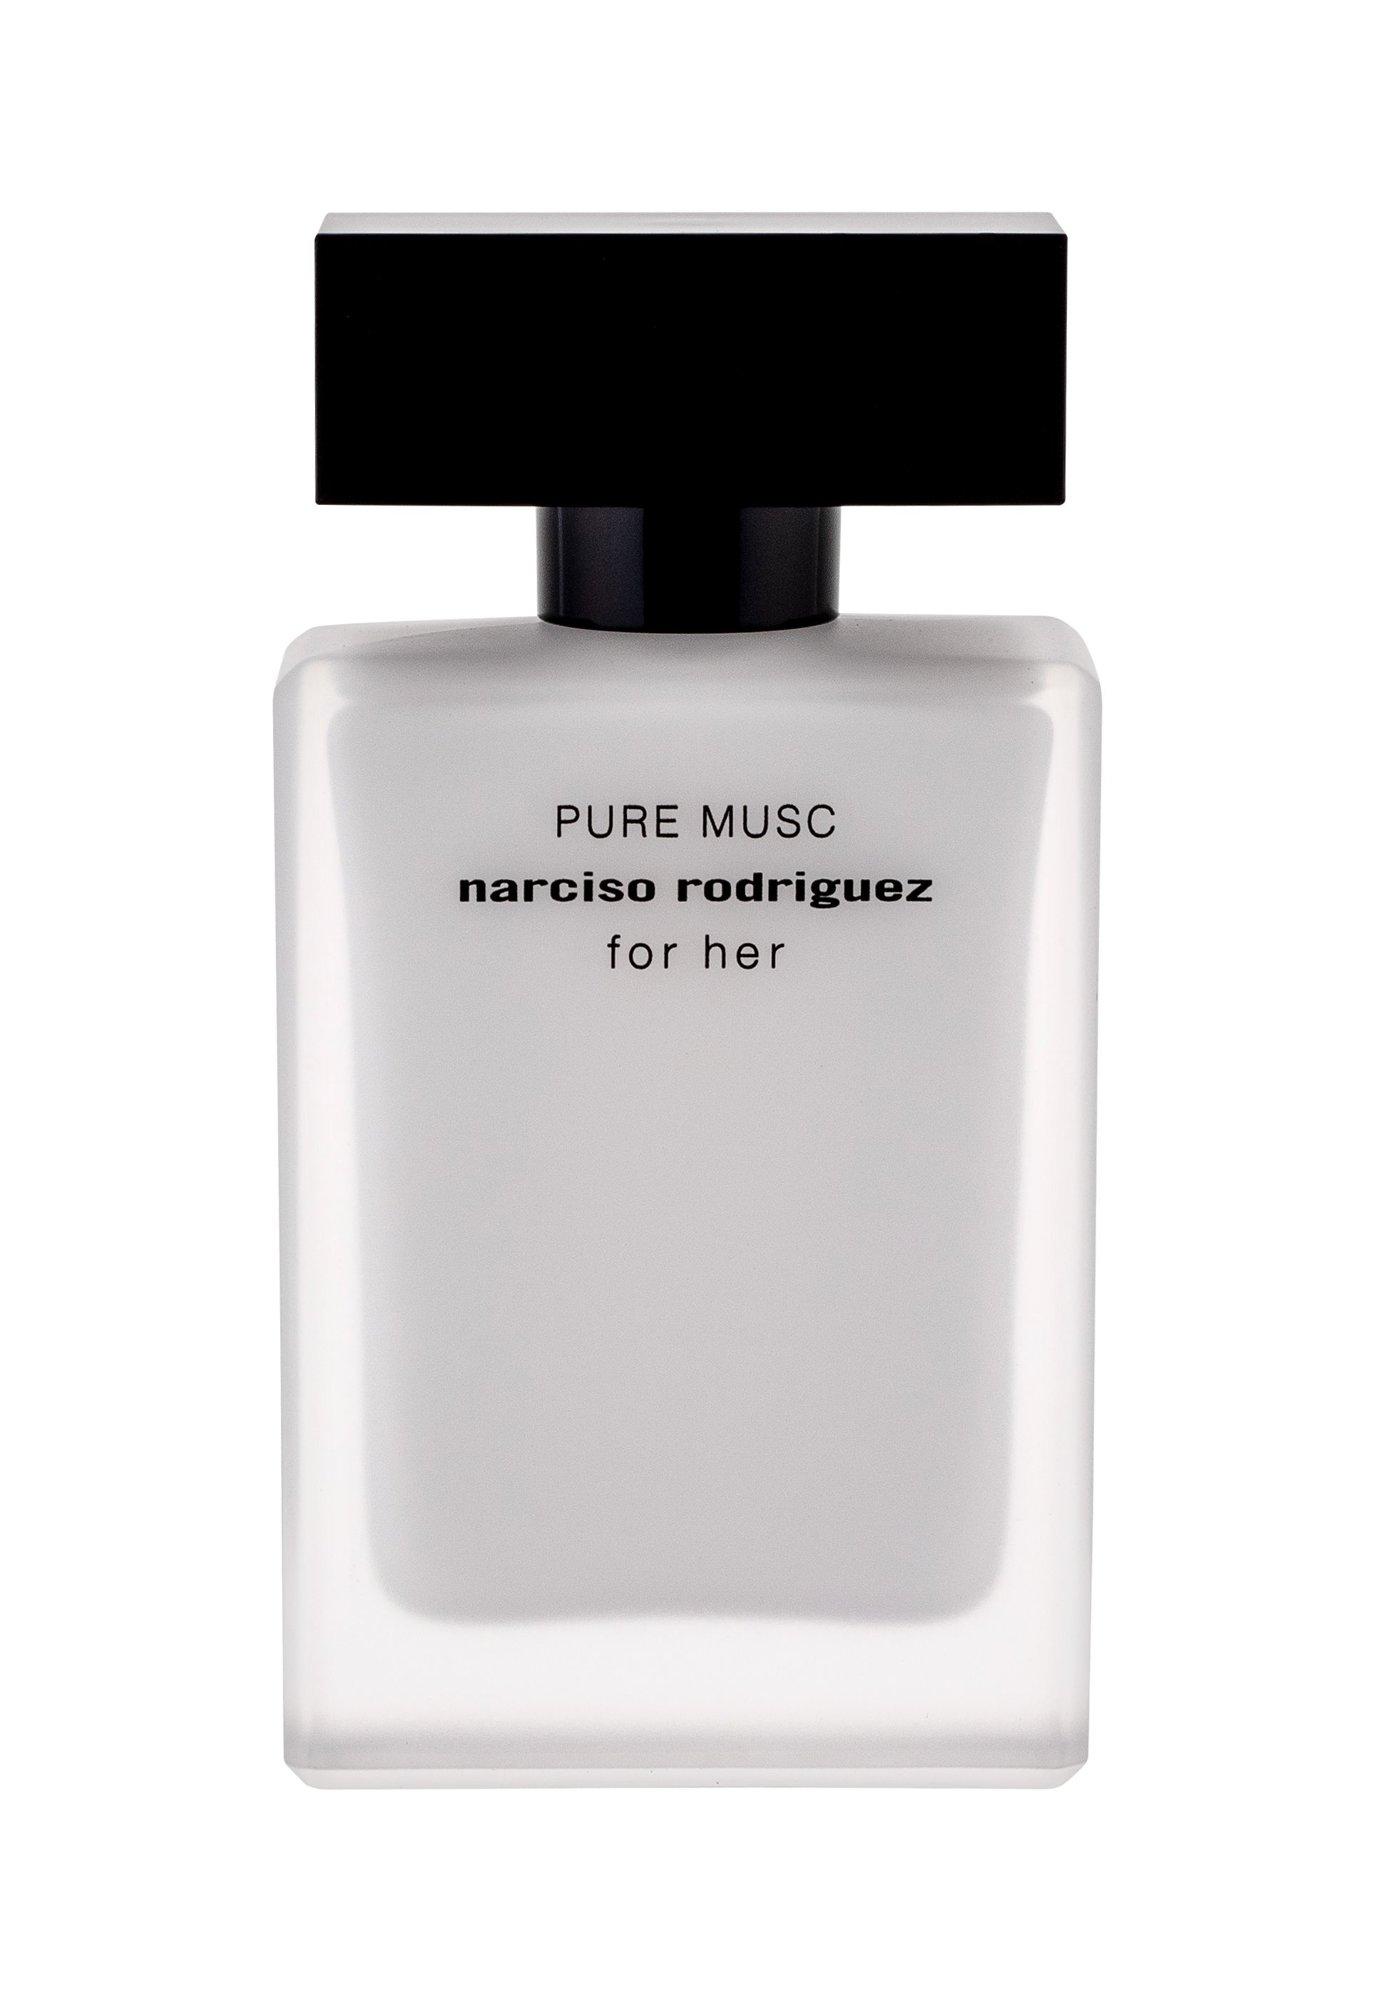 Narciso Rodriguez Pure Musc Eau de Parfum 50ml